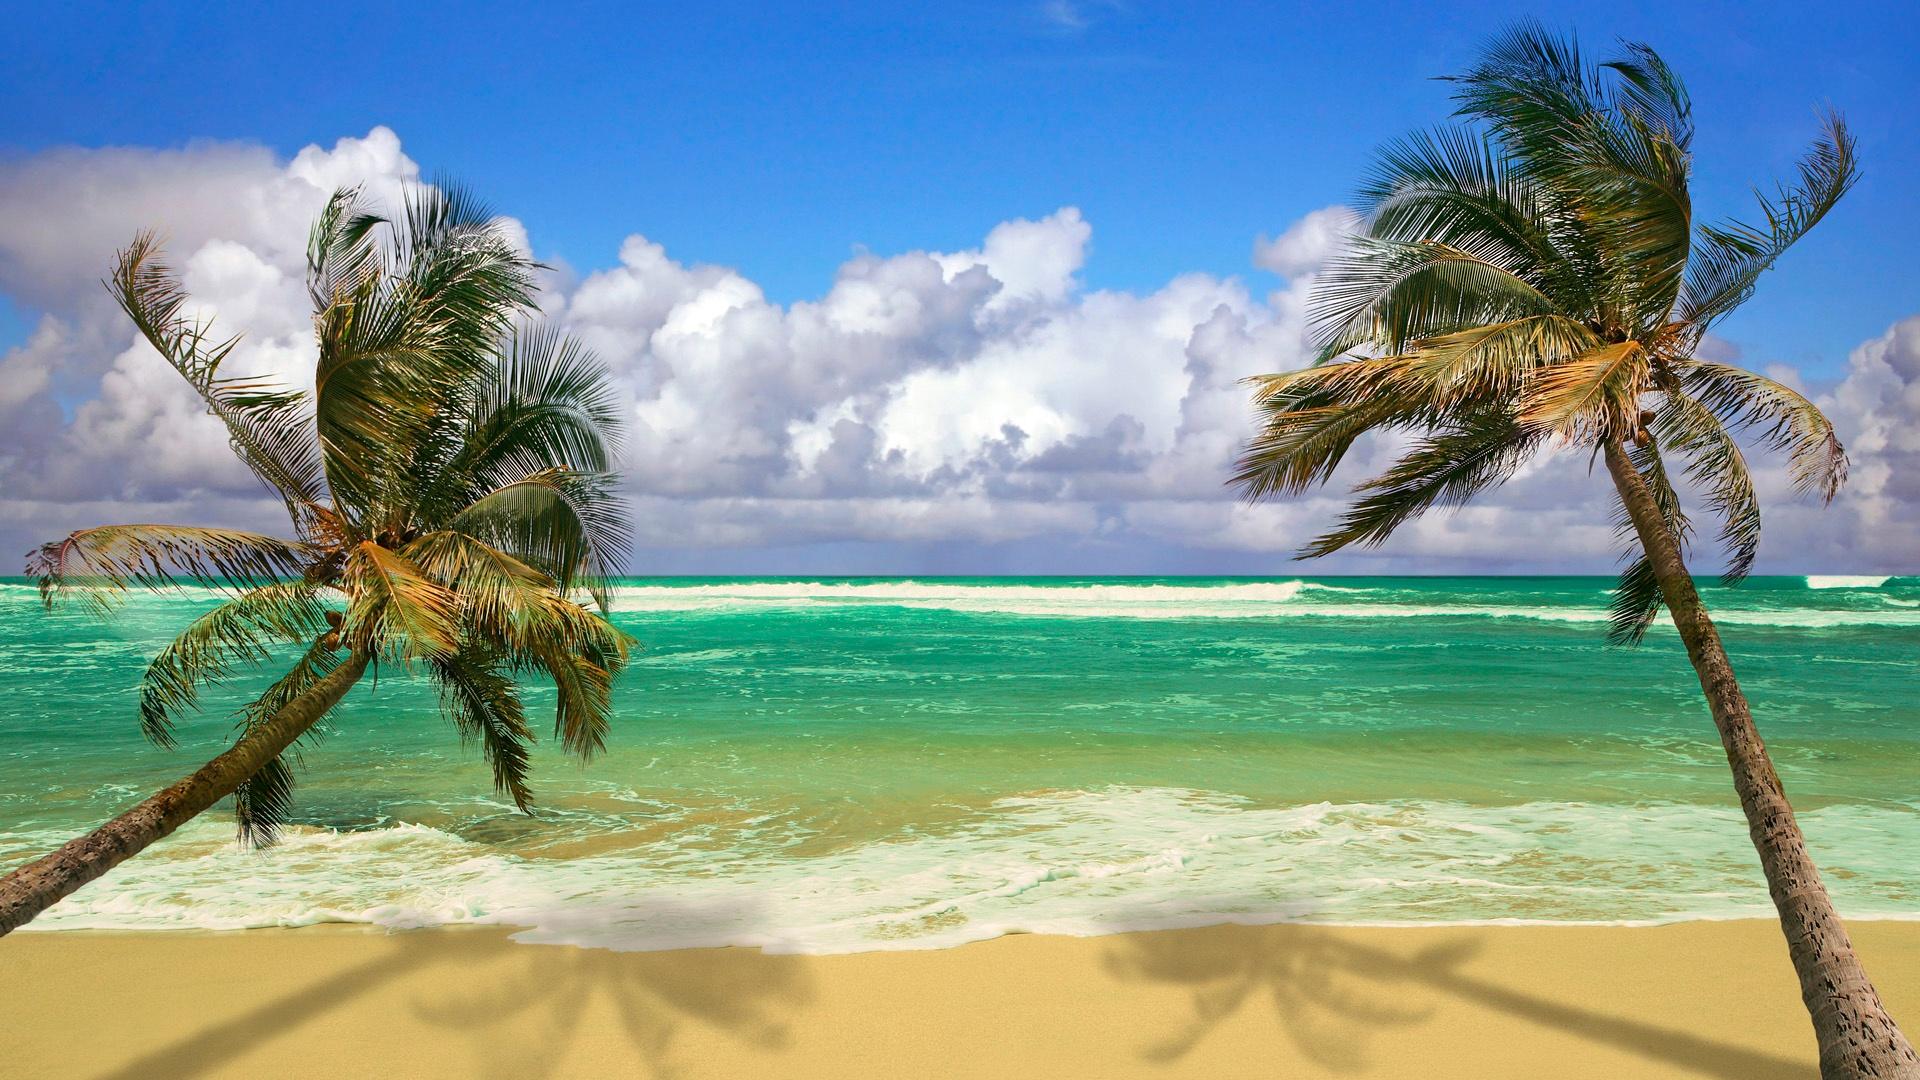 Марта, картинки пляжные пальмами